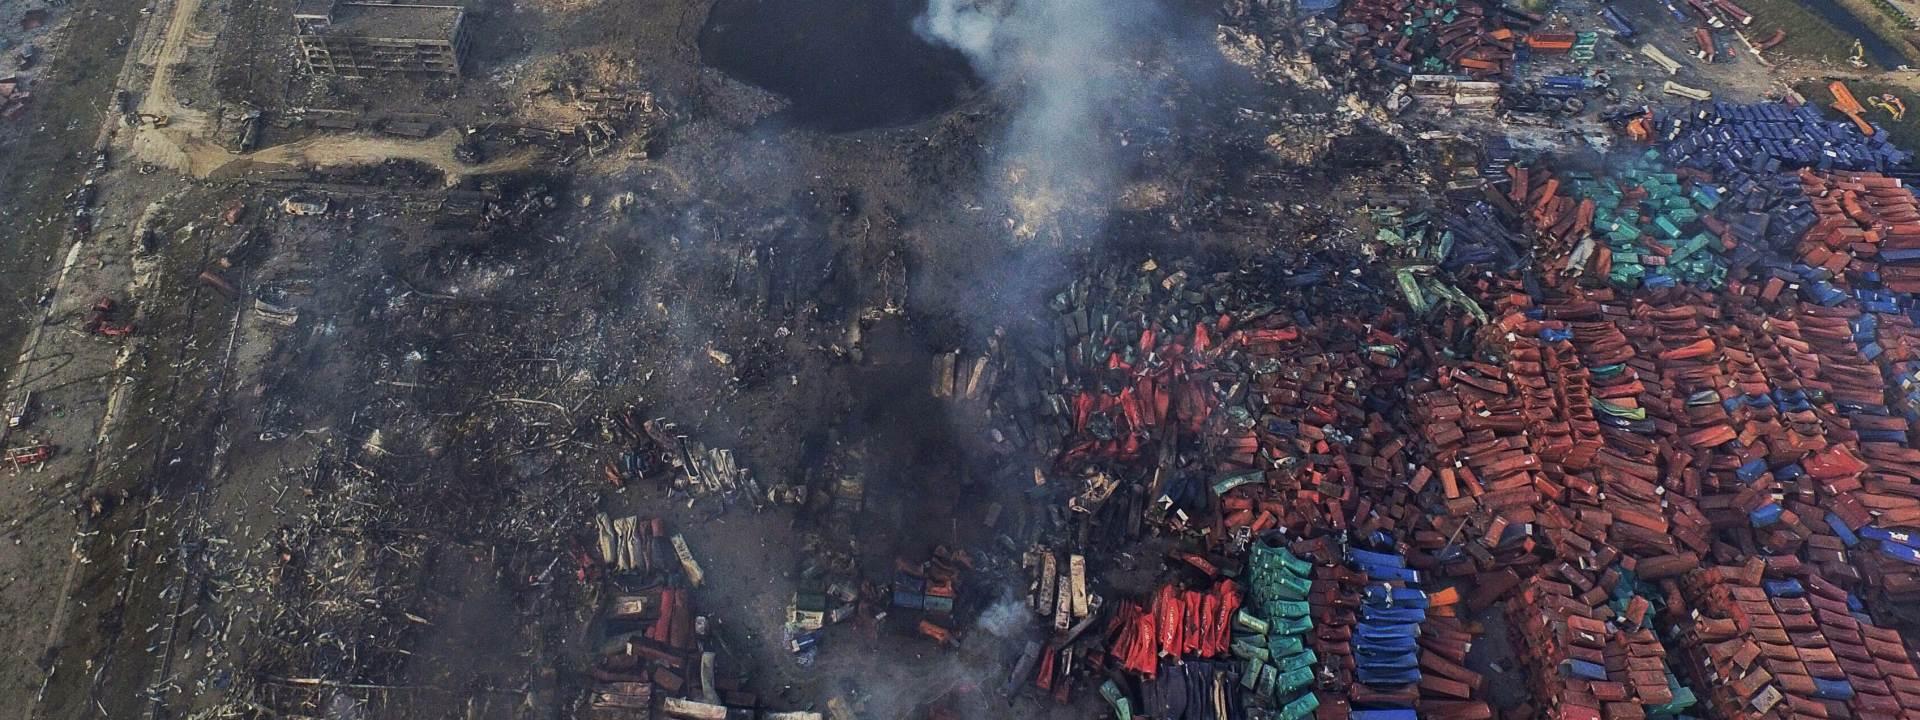 POSLJEDICE U TIANJINU: Spasilačke ekipe čiste mjesto nesreće od otrovnih materijala